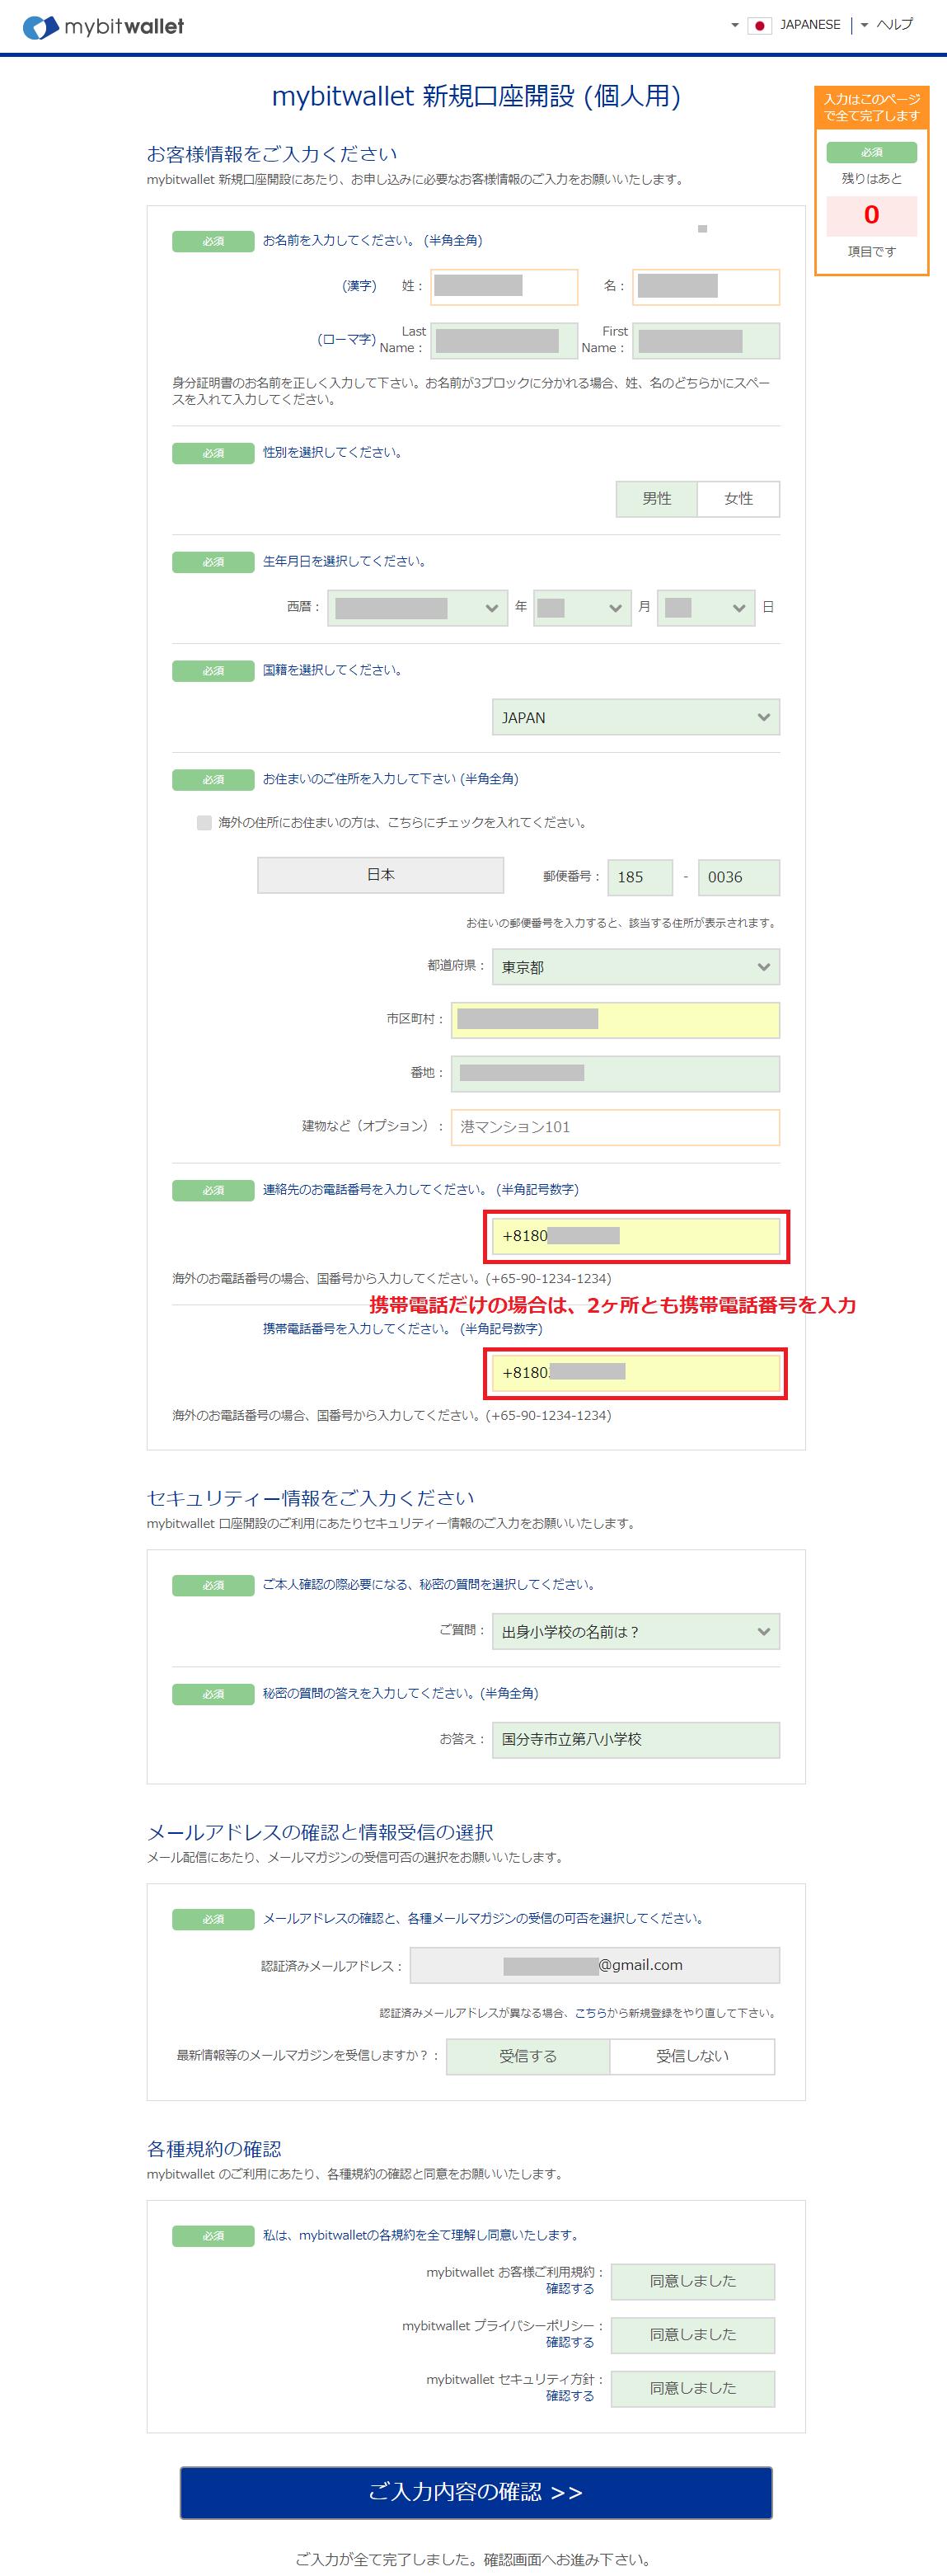 海外FX mybitwallet 個人情報の入力